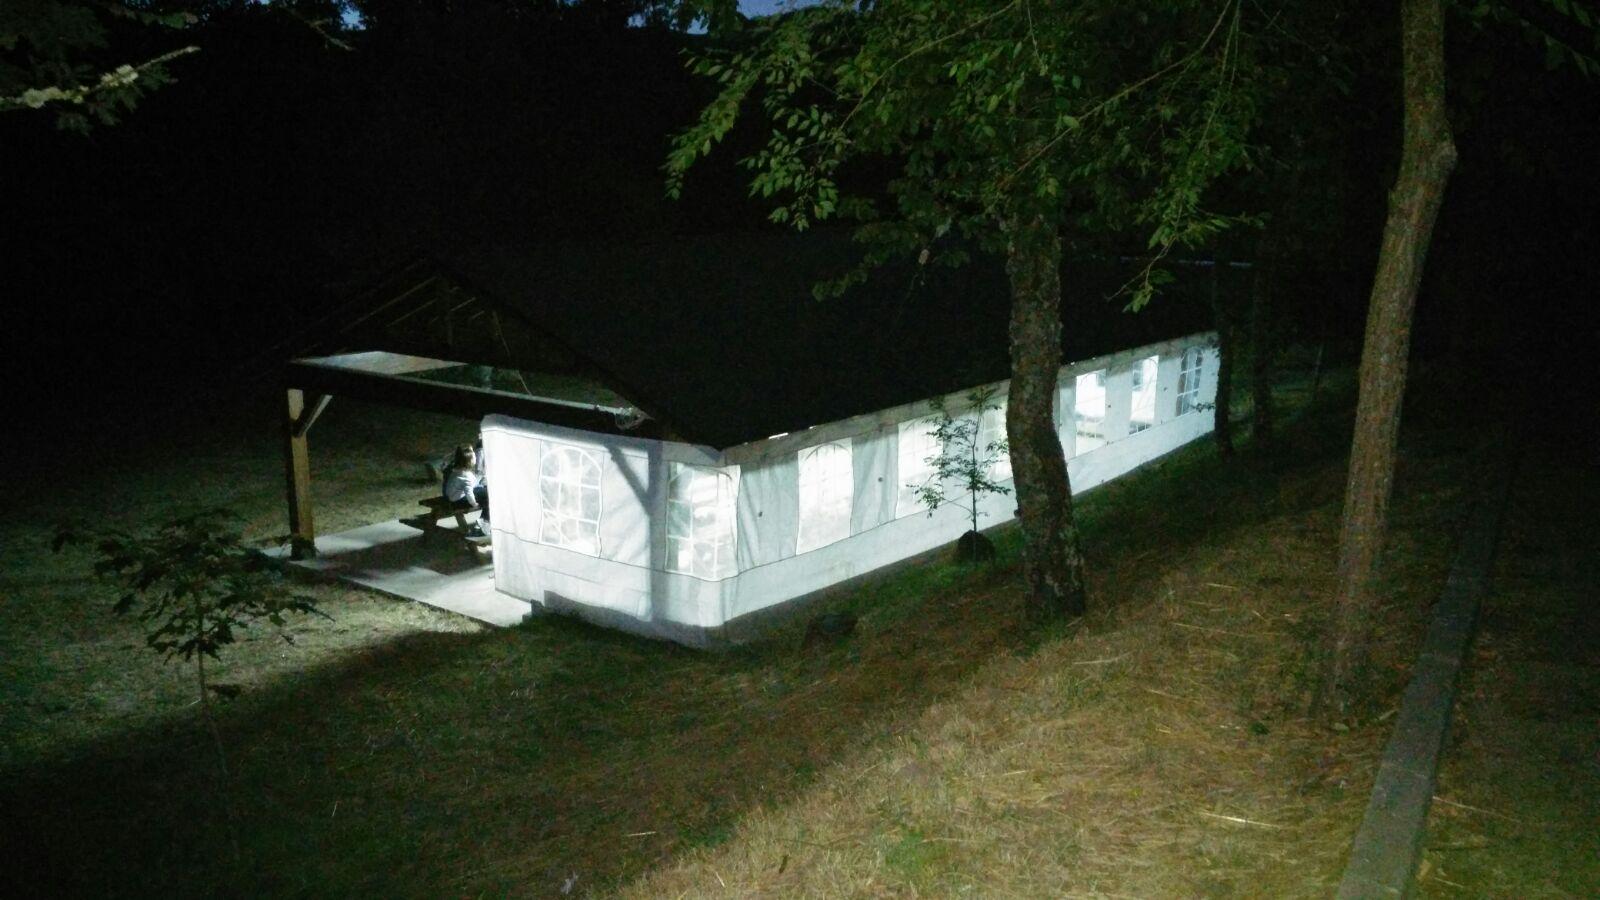 Campamentos de verano en España León instalaciones carpa multiusos iluminada